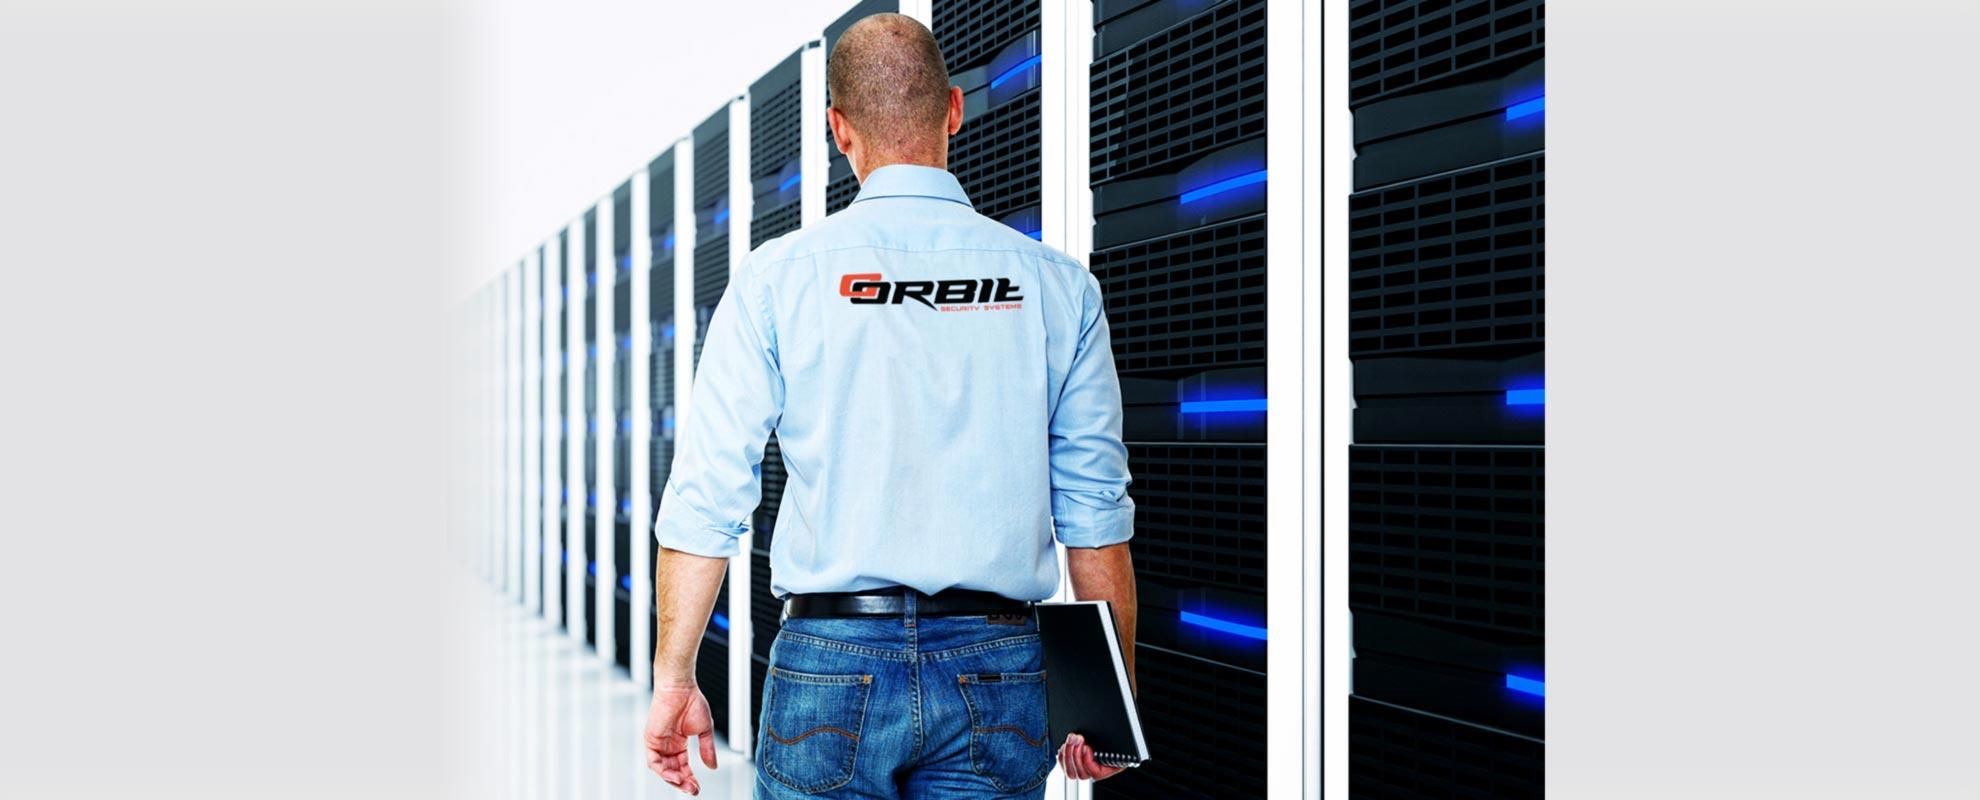 Orbit Security Equipment Qatar